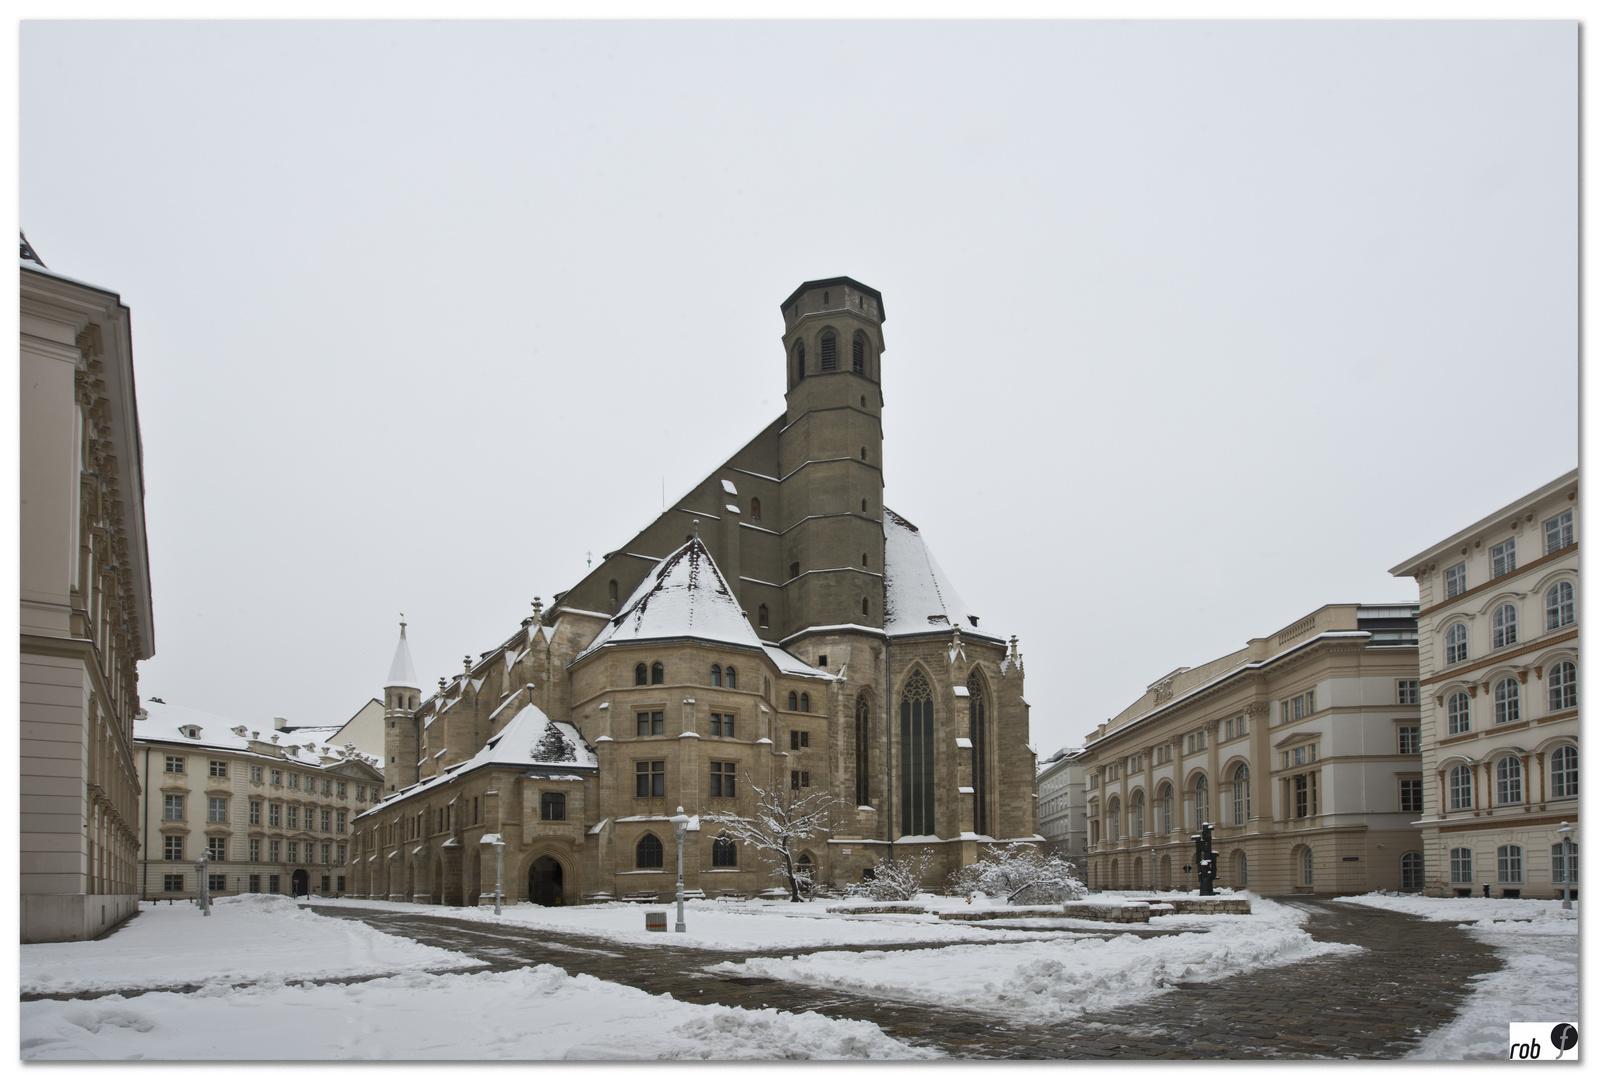 Vienna Winter Wonderland #5